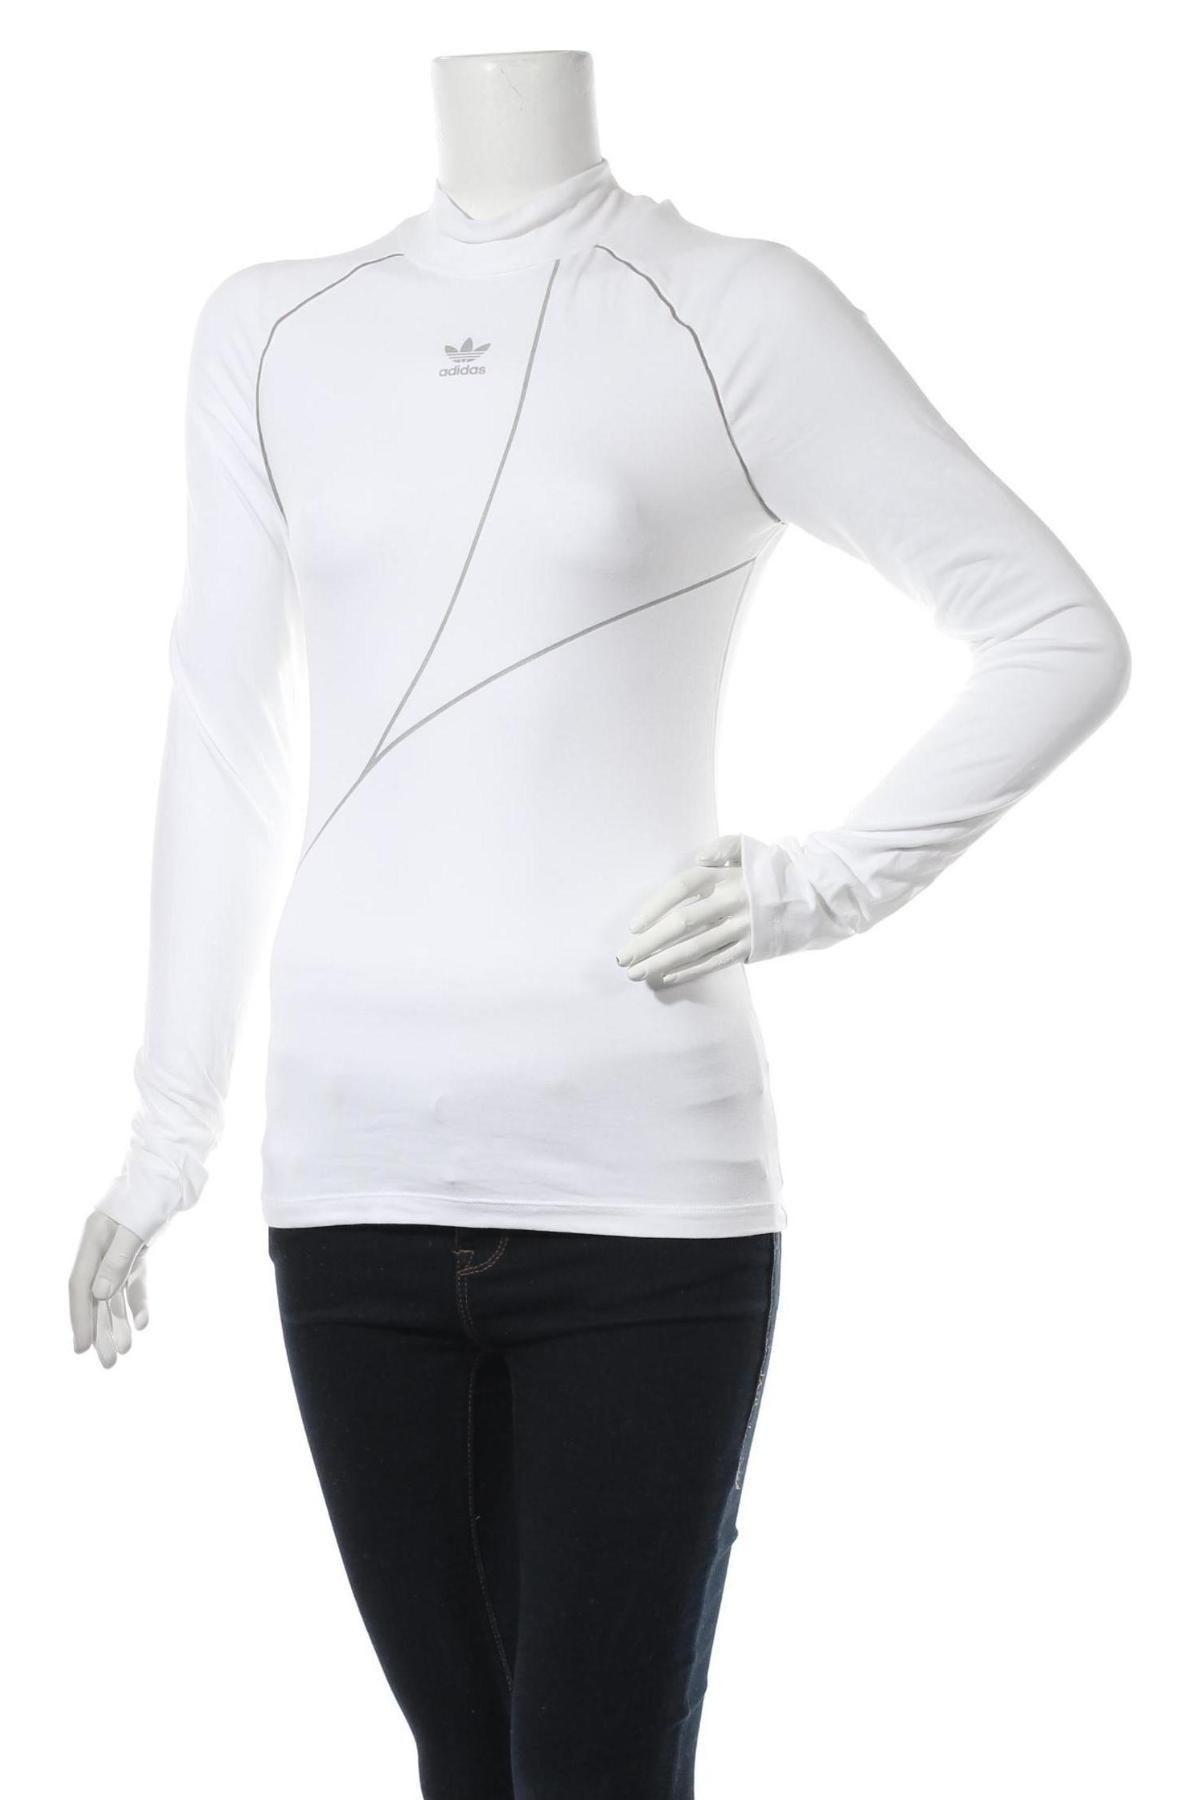 Дамска спортна блуза Adidas Originals, Размер S, Цвят Бял, 93% памук, 7% еластан, Цена 64,50лв.